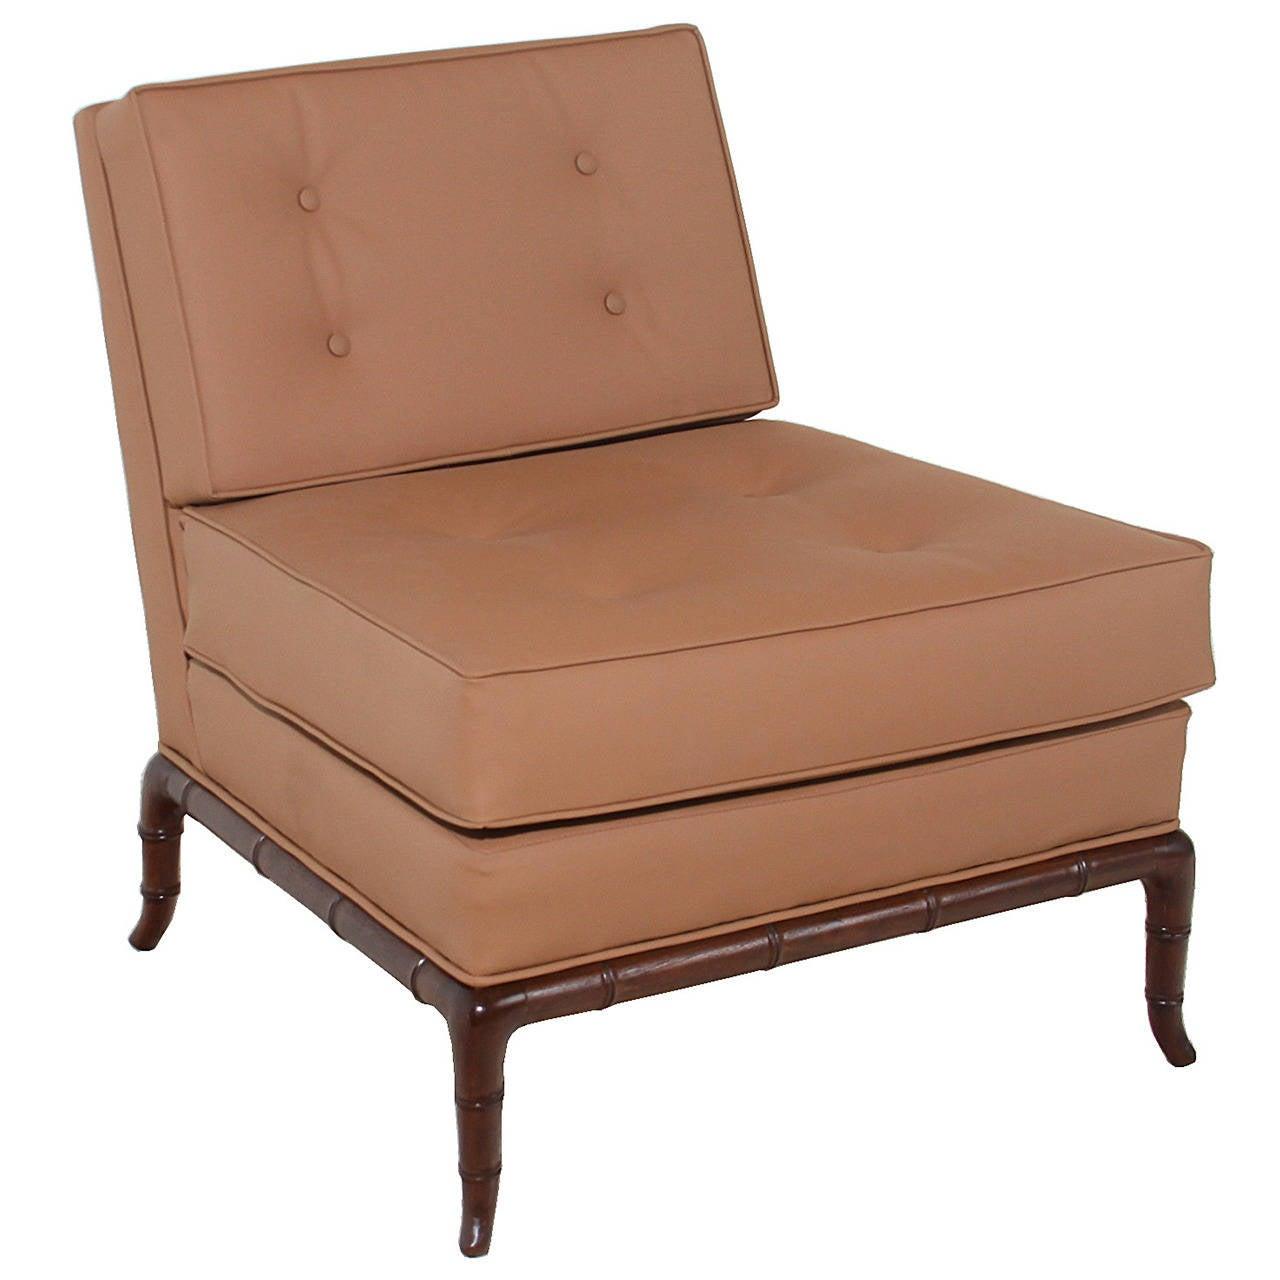 T.H. Robsjohn-Gibbings Iconic Slipper Chair